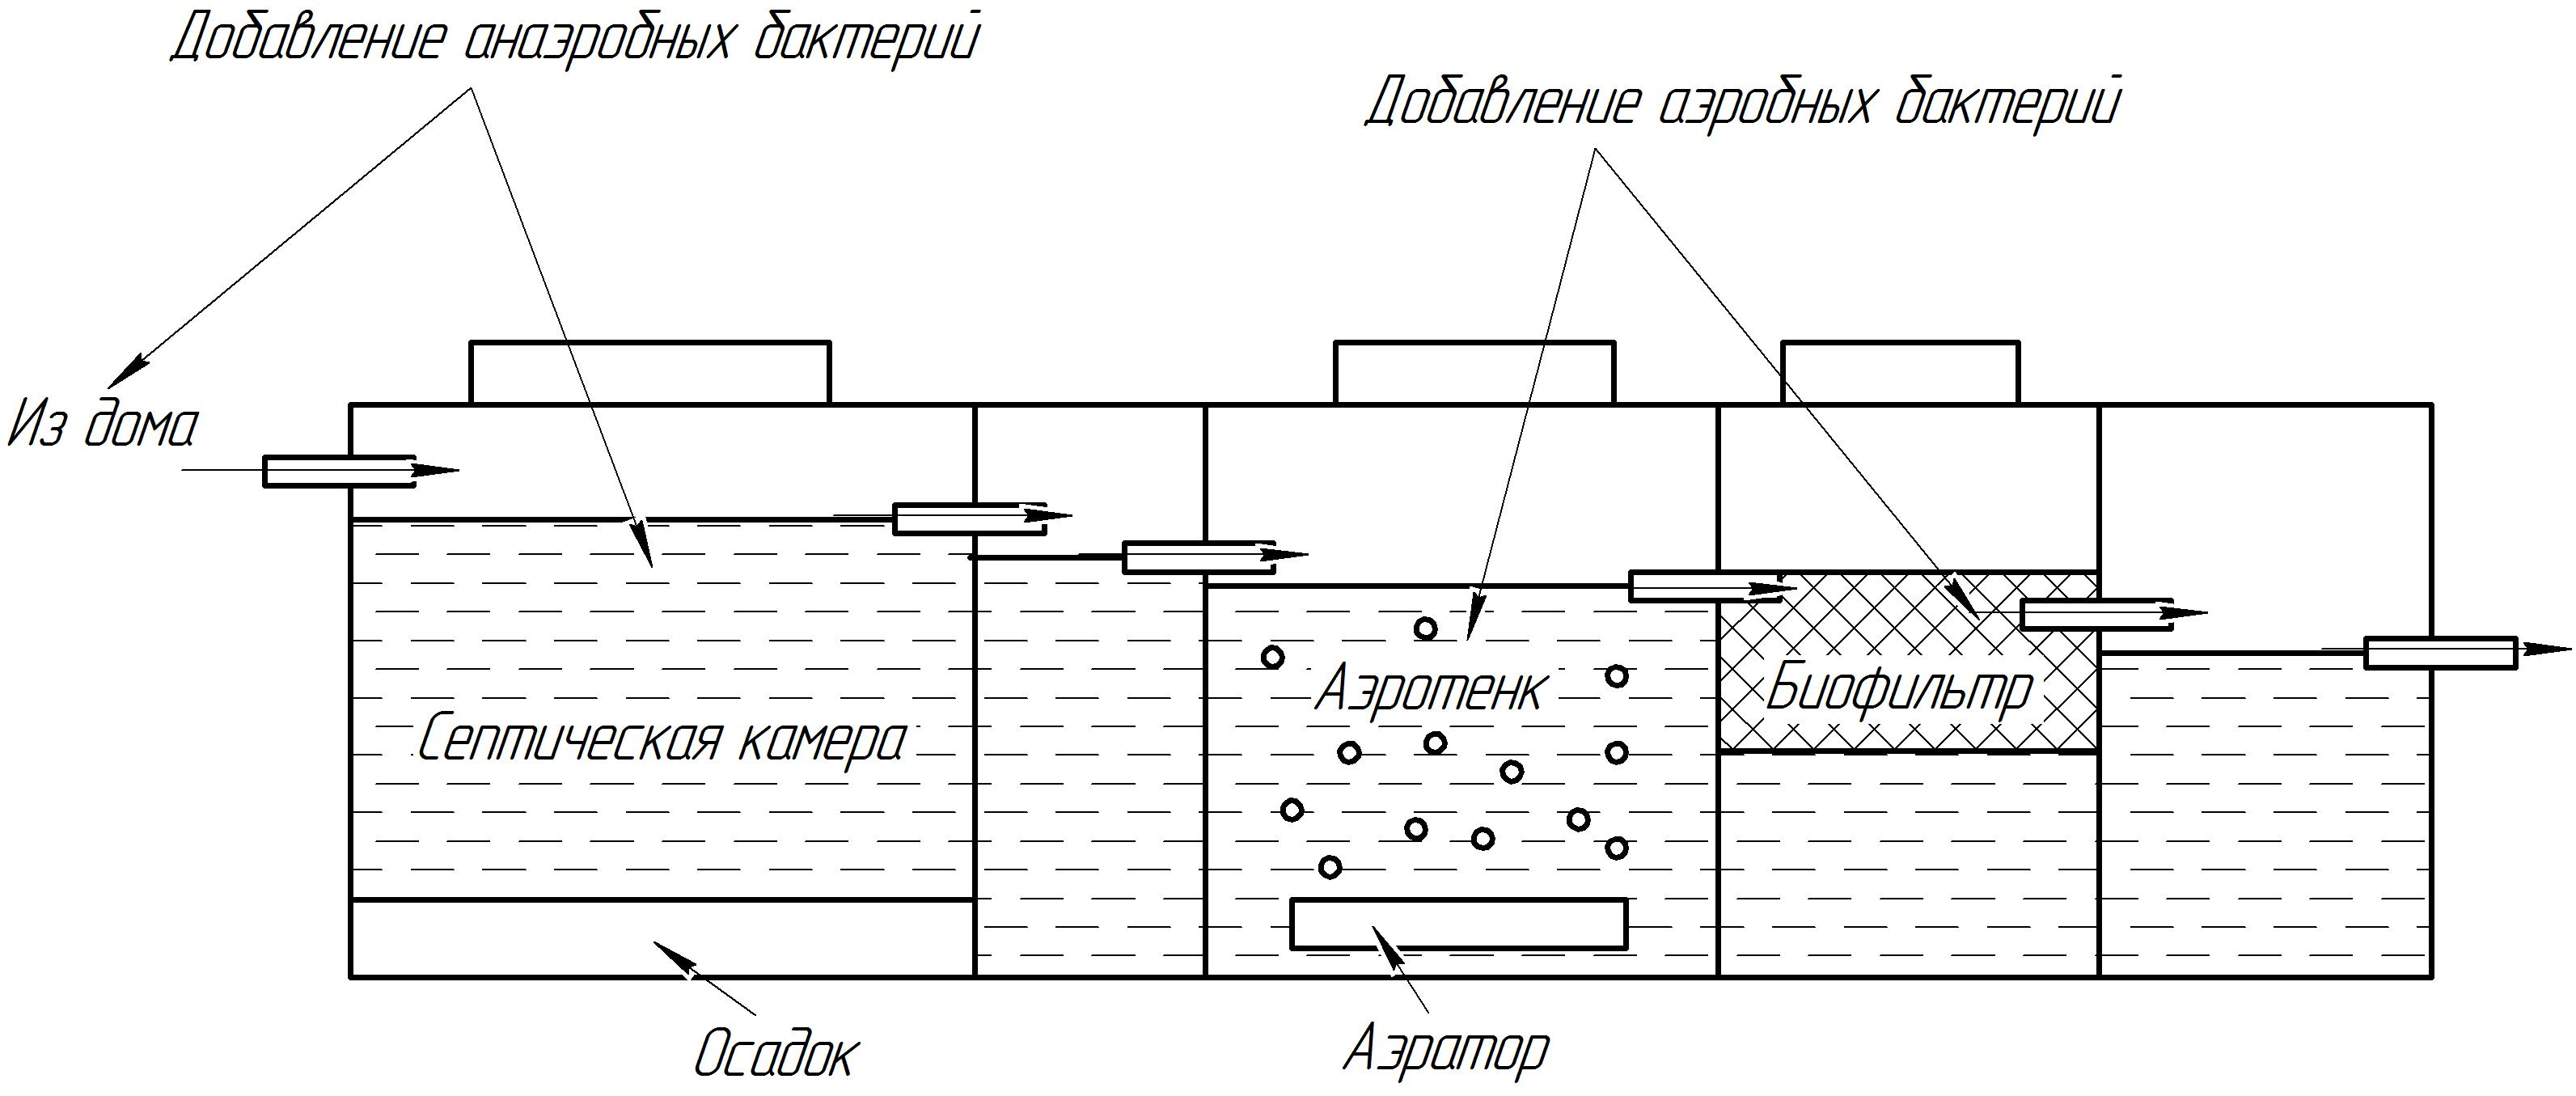 Принципиальная схема работы трёхкамерного септика